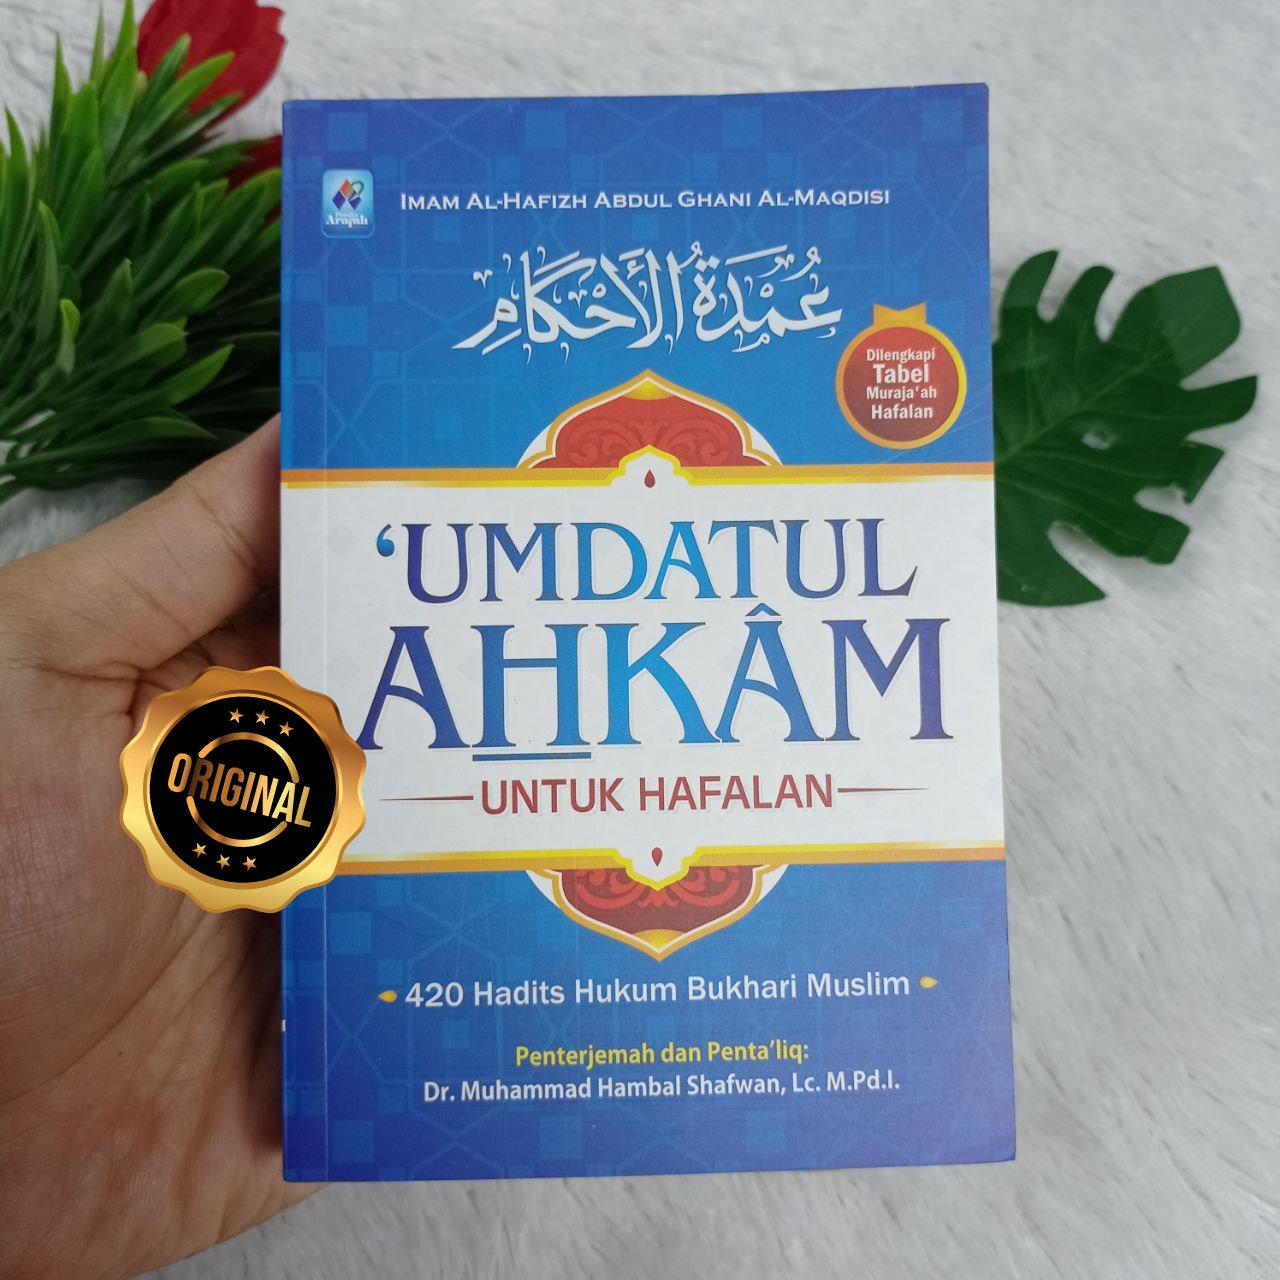 Buku Umdatul Ahkam Untuk Hafalan Dilengkapi Tabel Murajaah